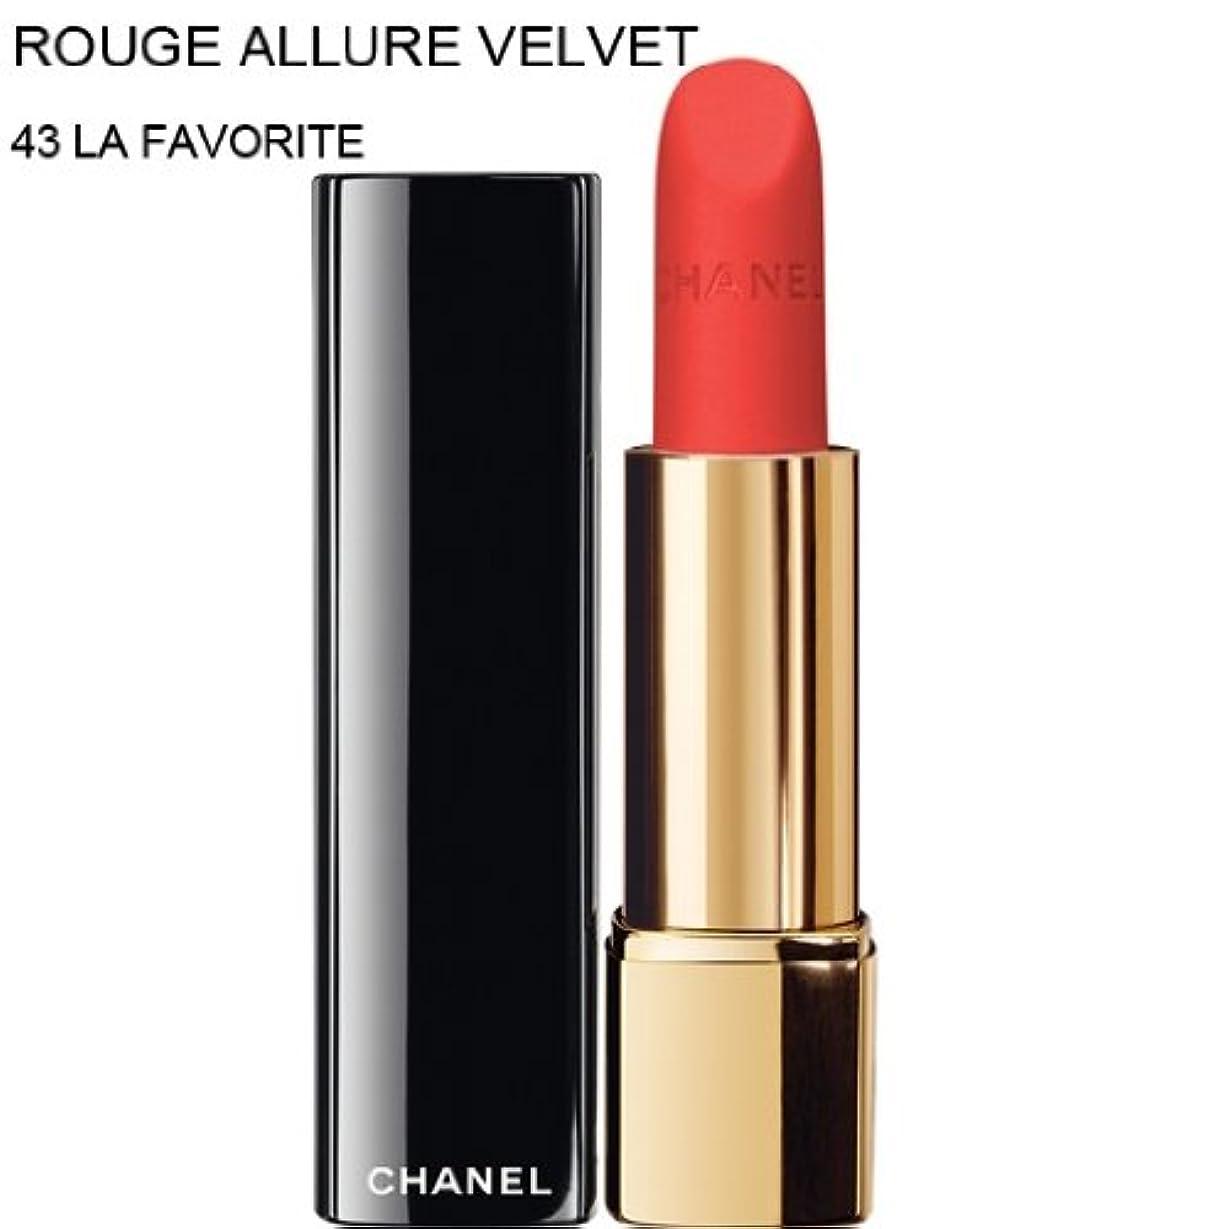 キャプチャー混合したシンクCHANEL-Lipstick ROUGE ALLURE VELVET (43 LA FAVORITE) (parallel imported item 並行輸入品)